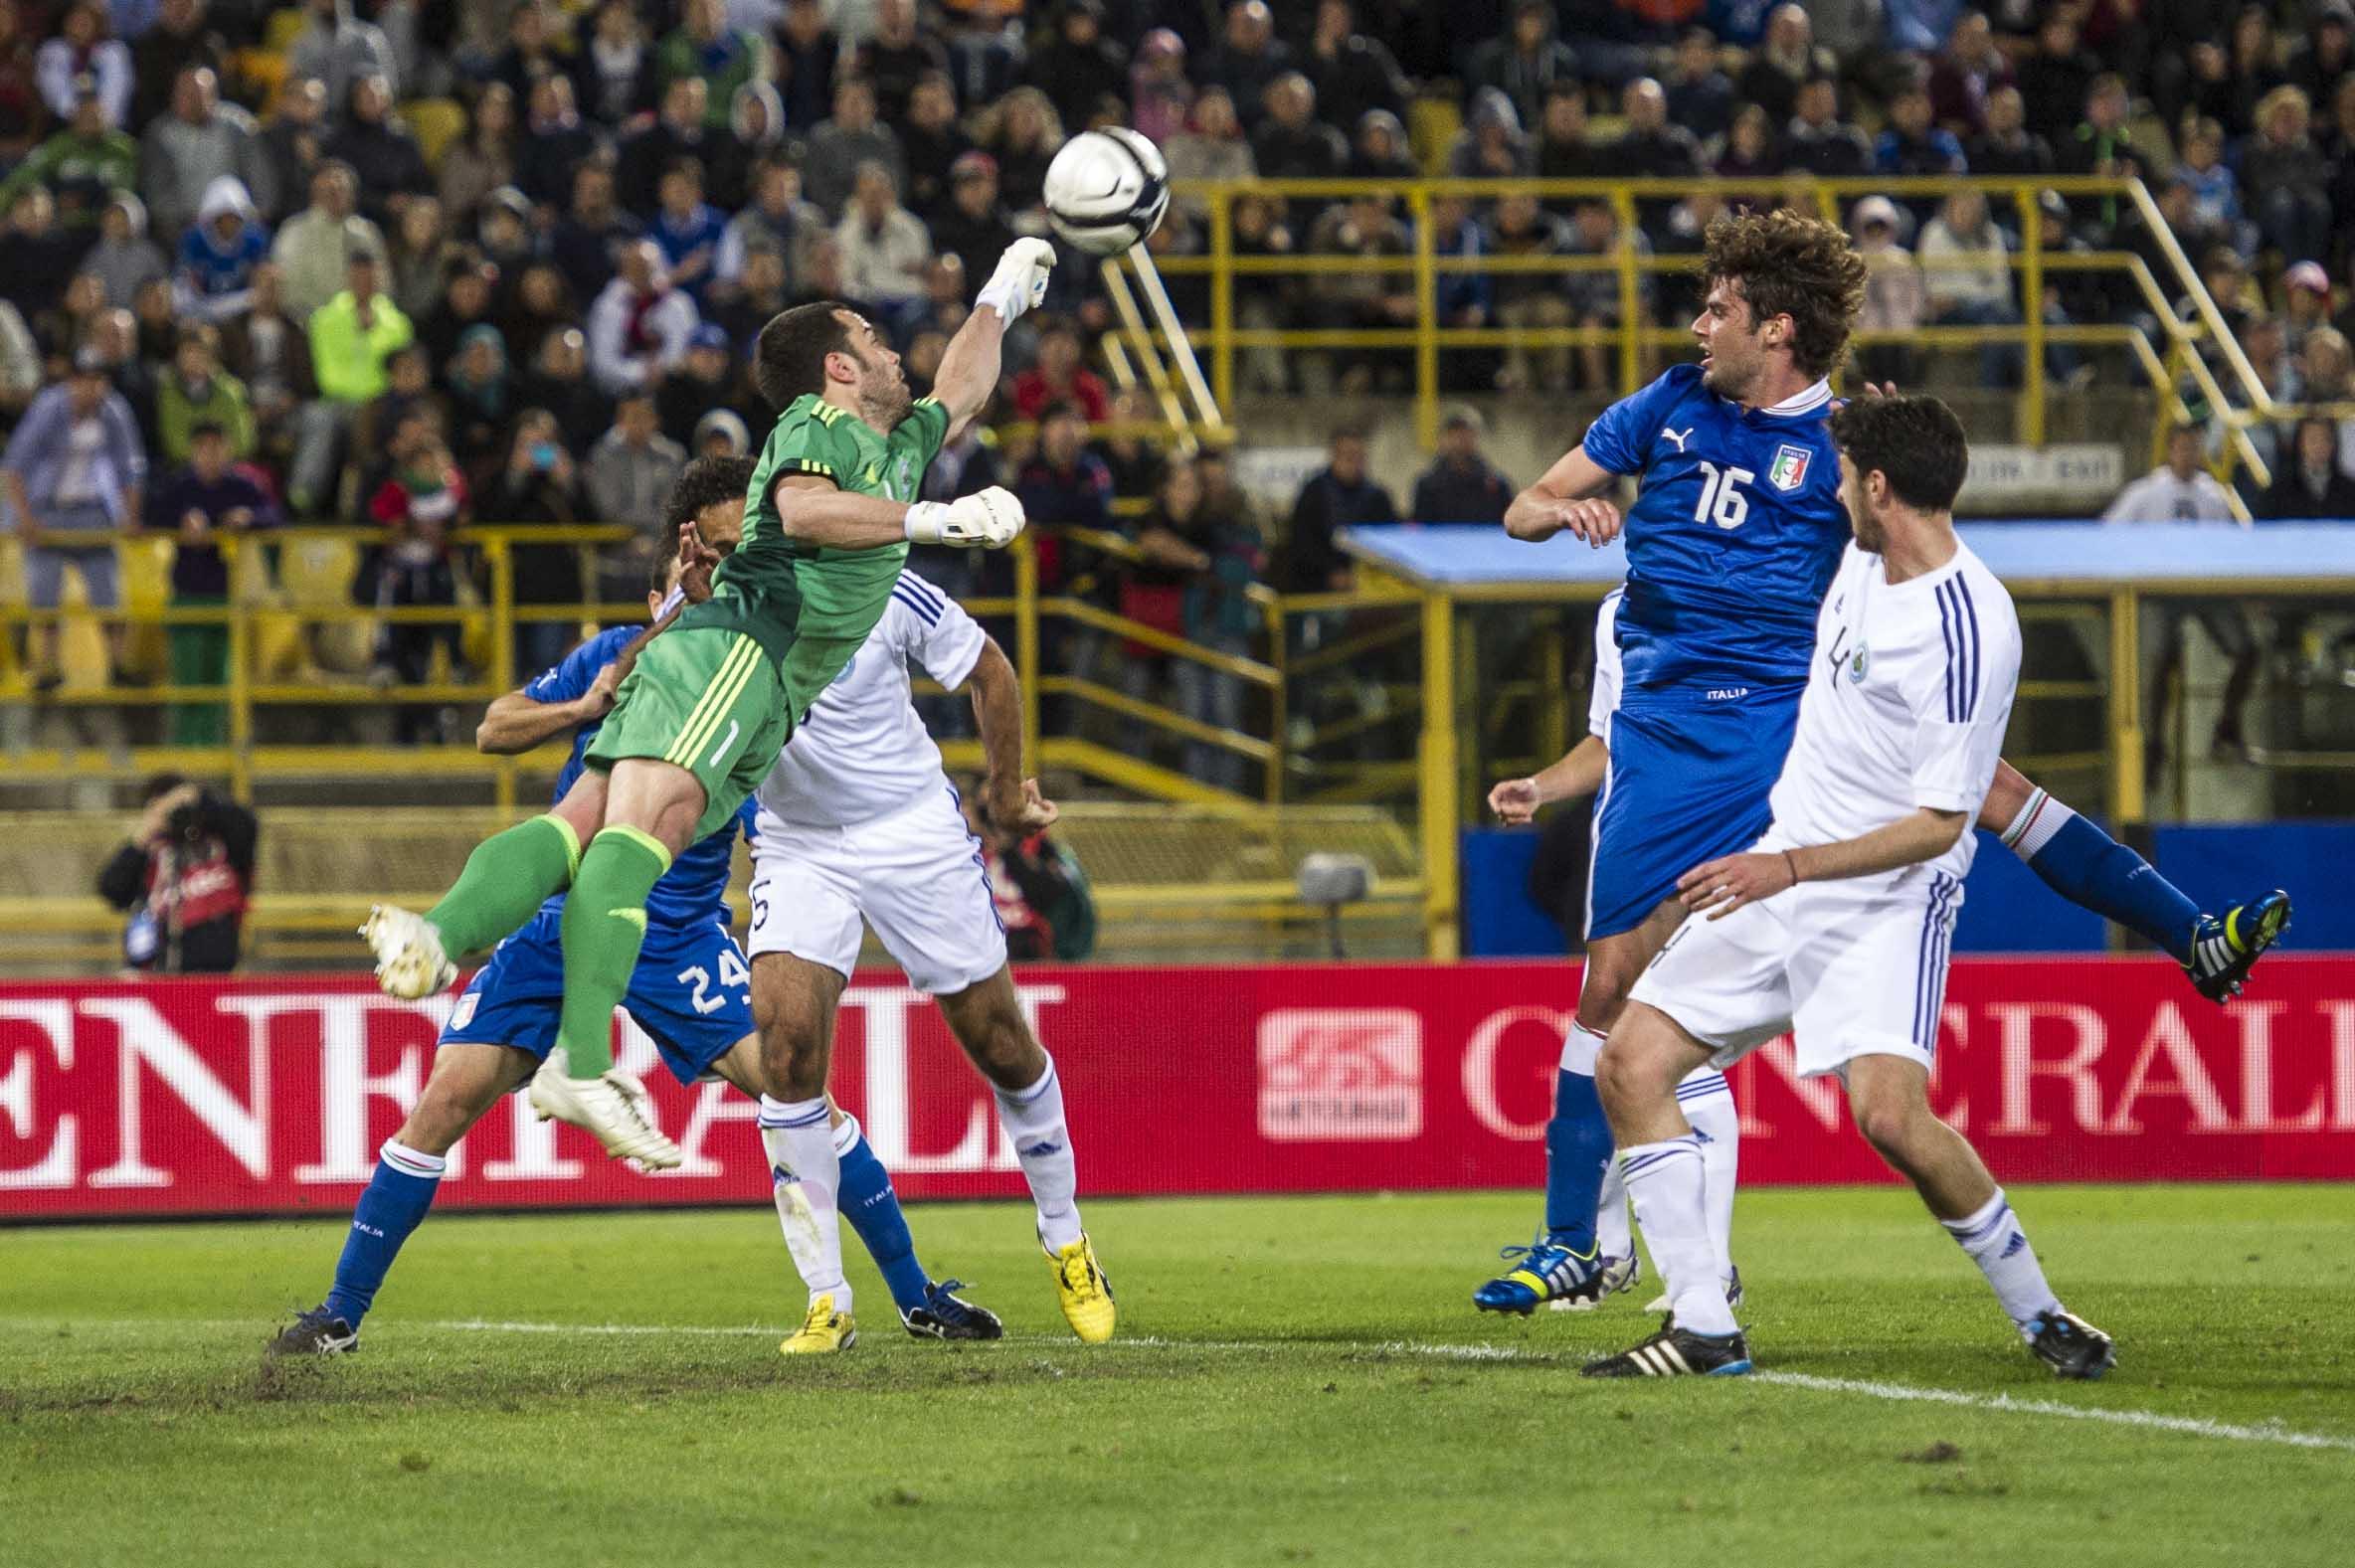 Calcio, il 29 maggio Italia-San Marino a Cagliari